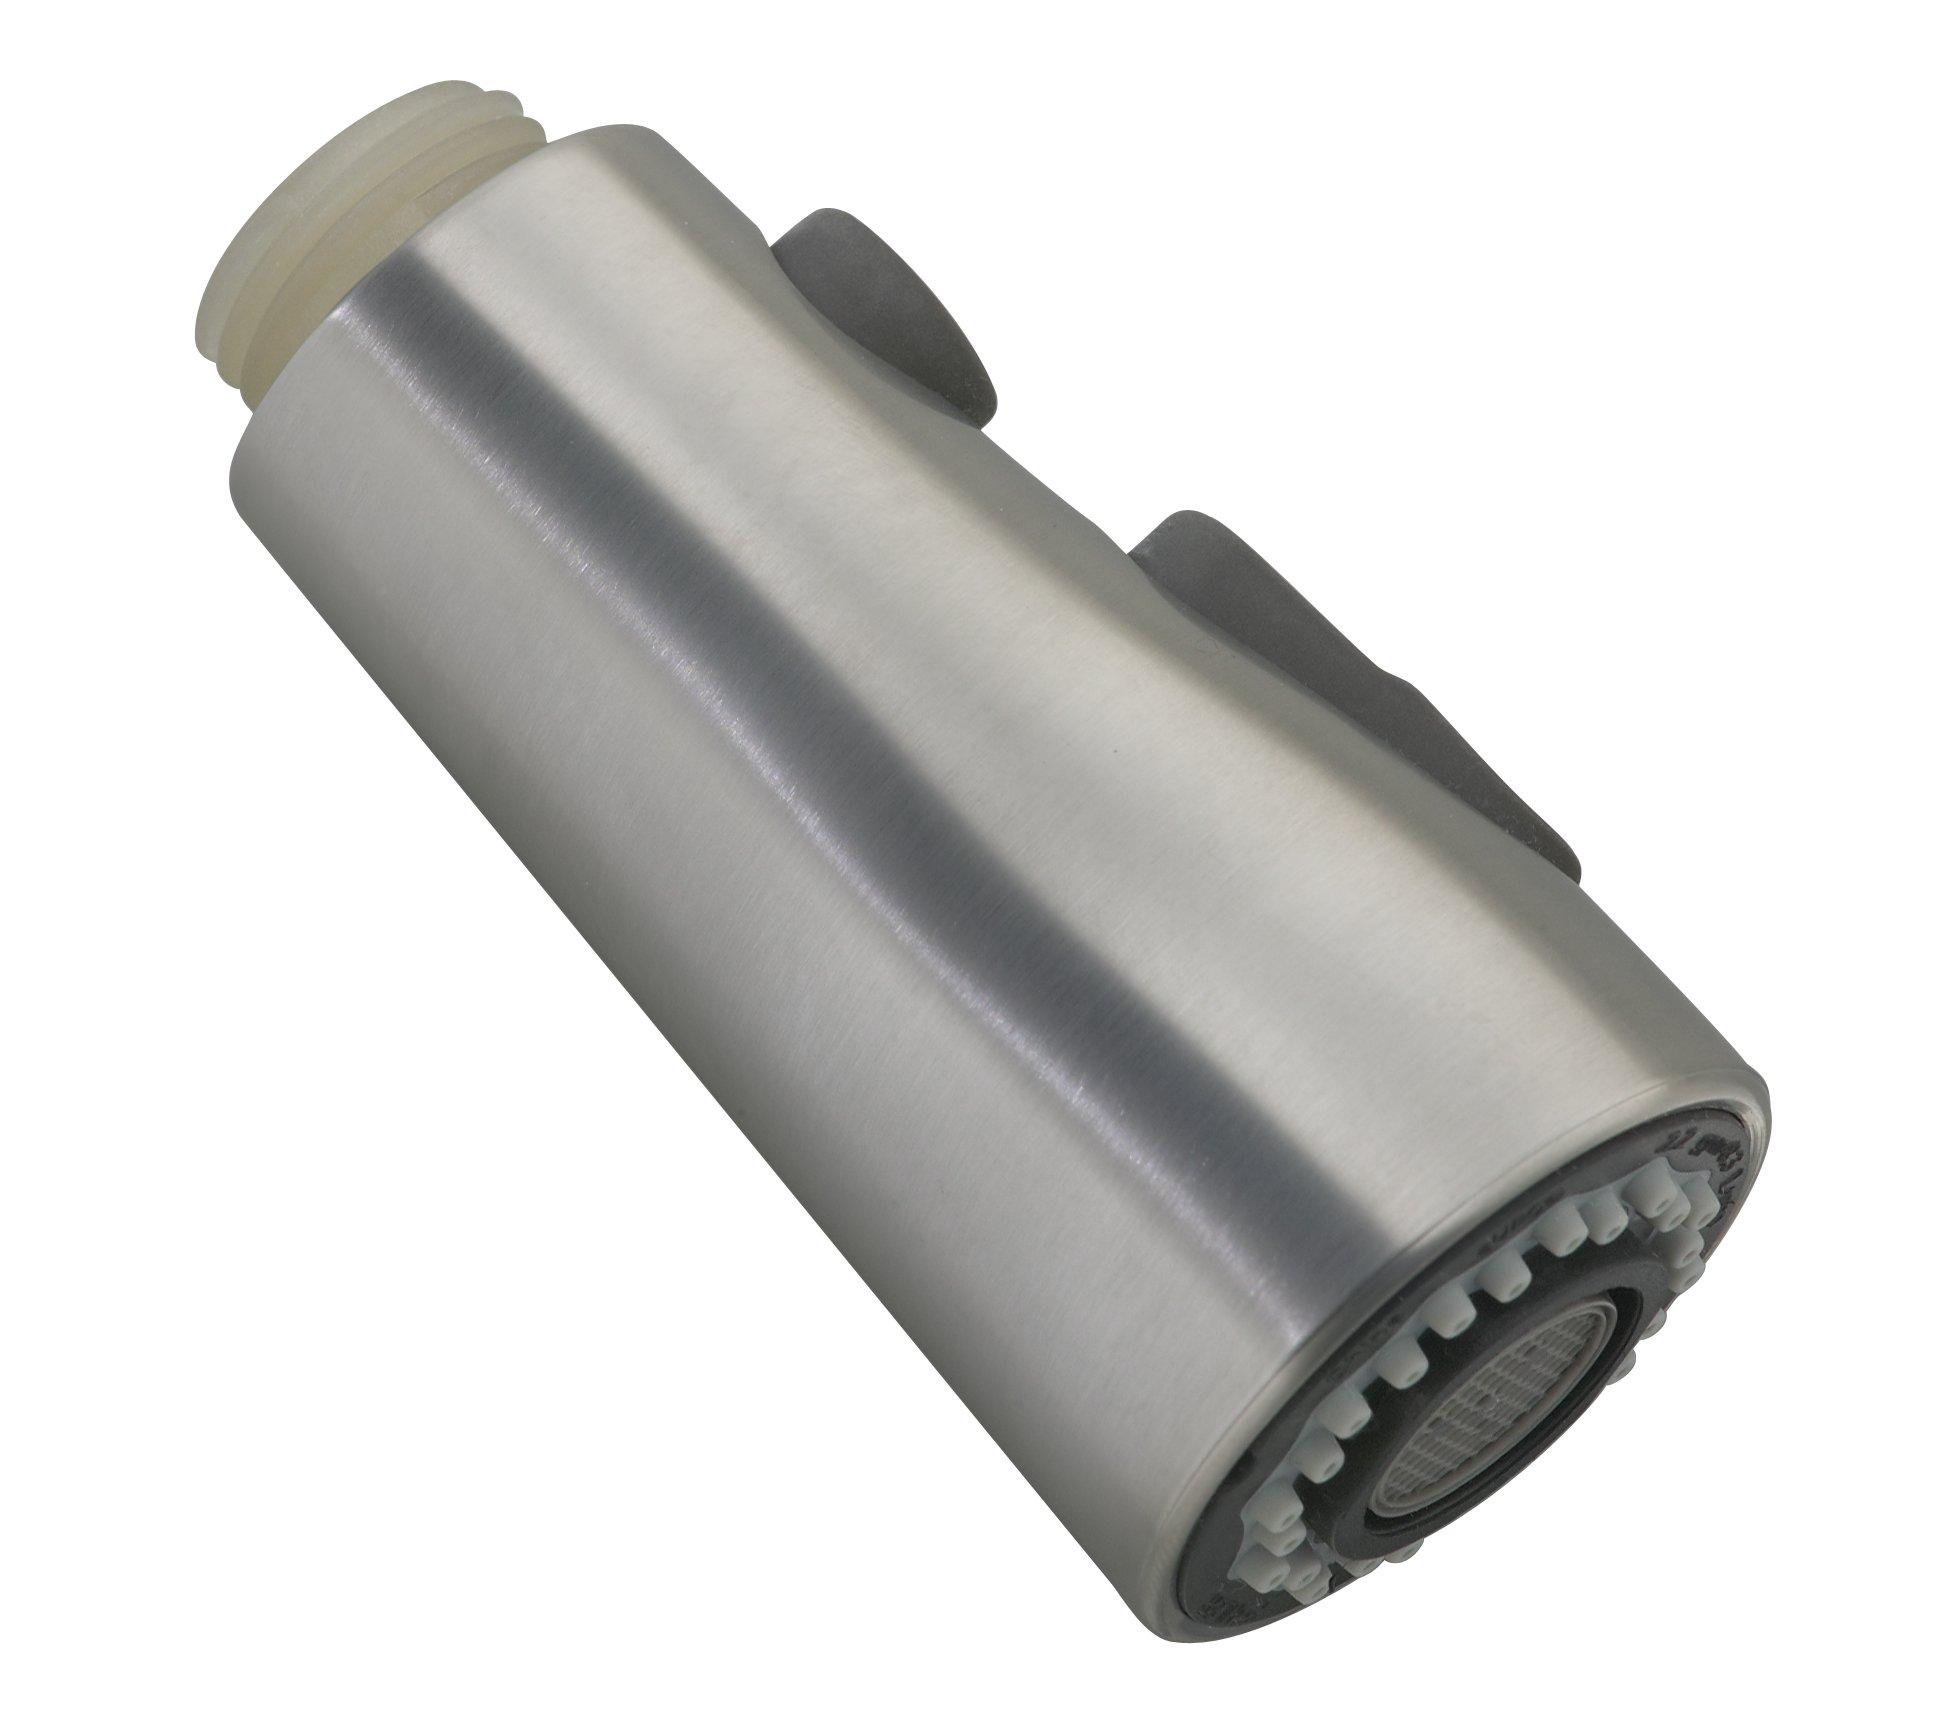 Kohler K-GP1043211-VS Part Faucet Sprayhead, small, Vibrant Stainless by Kohler